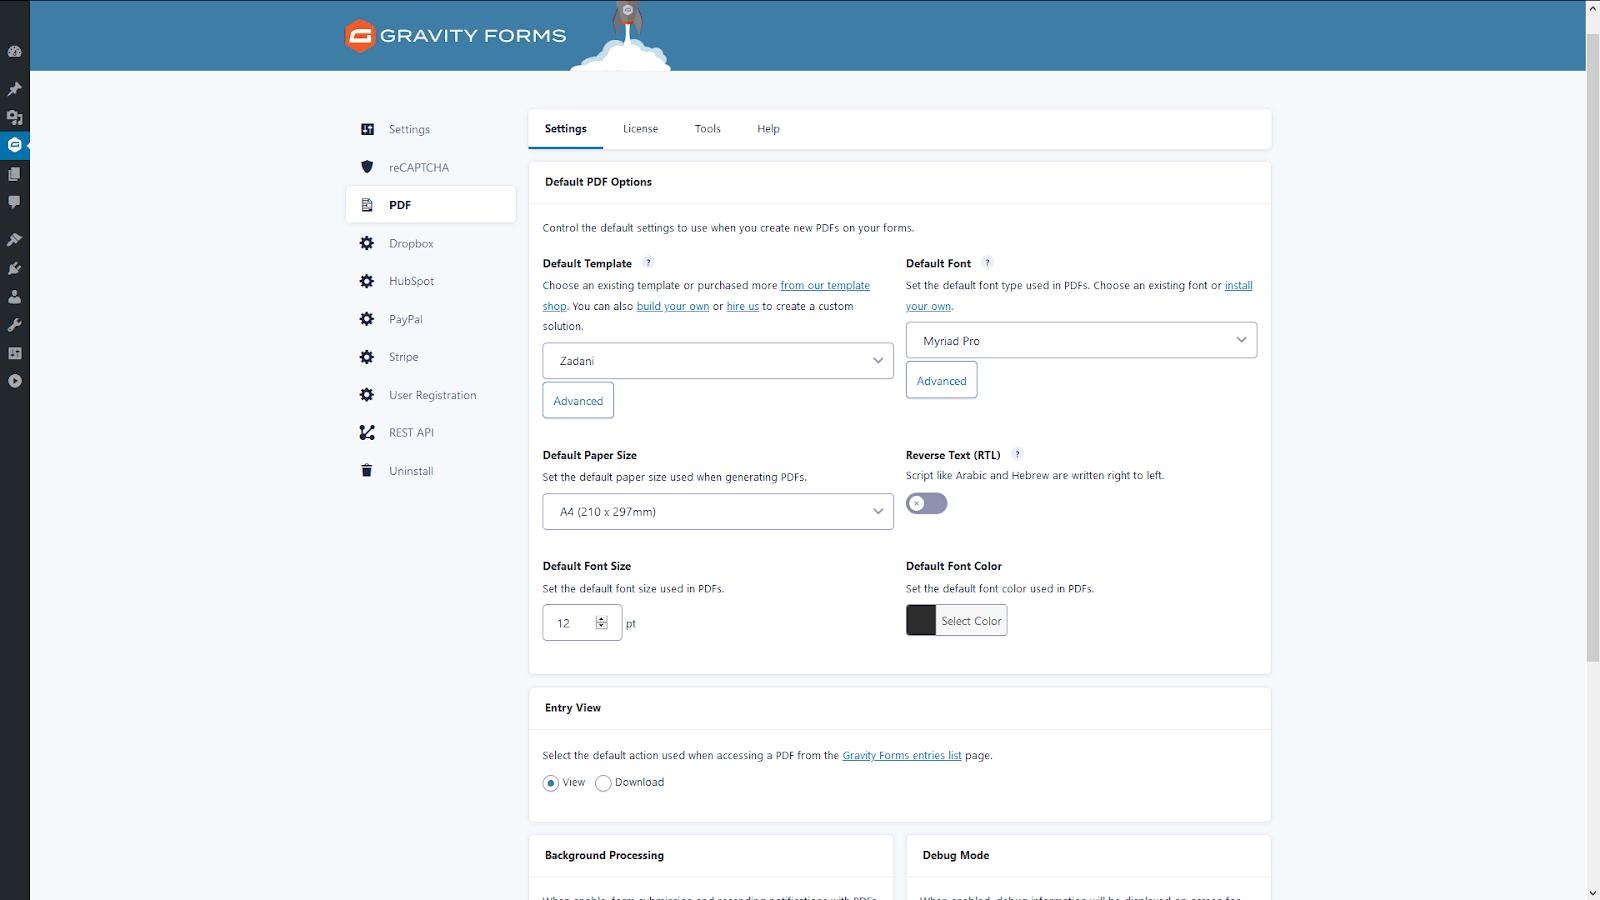 Gravity PDF 6.0.0-beta1 User Interface (Image)